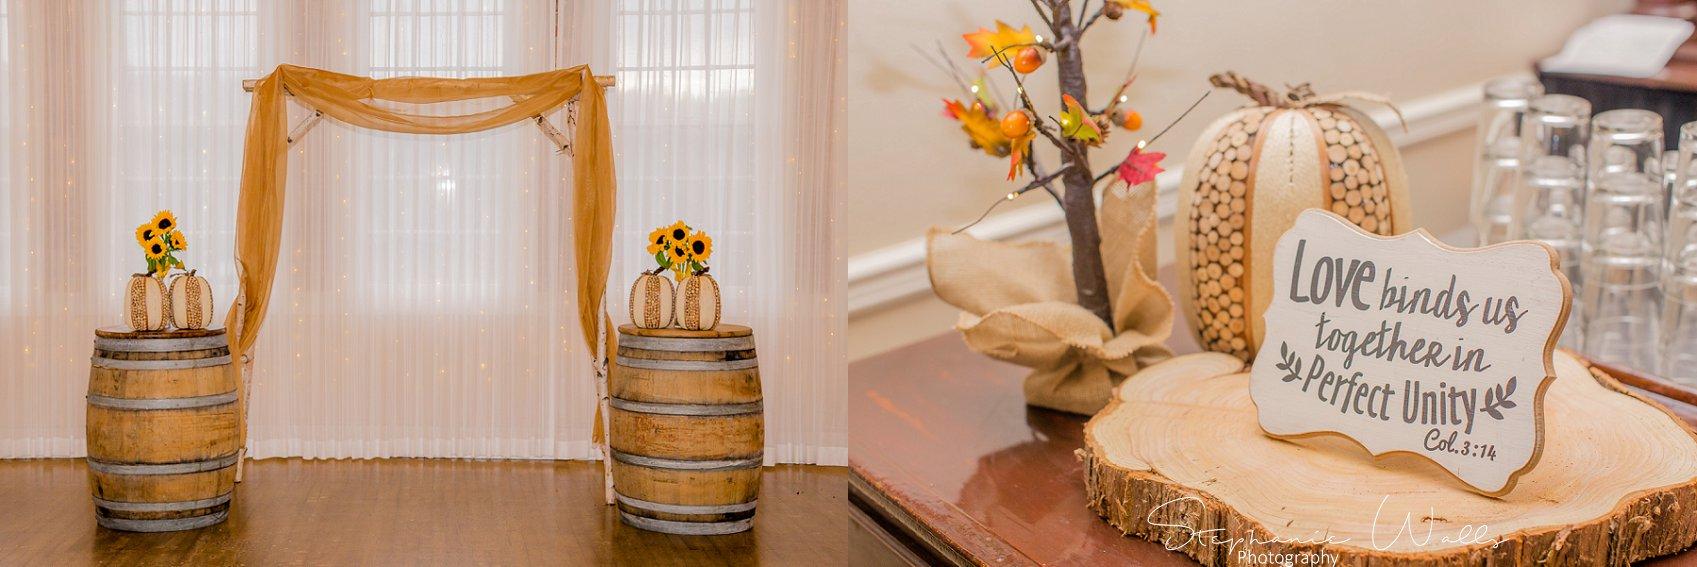 Olson Details 117 1 KK & Zack | Hollywood Schoolhouse Wedding | Woodinville, Wa Wedding Photographer